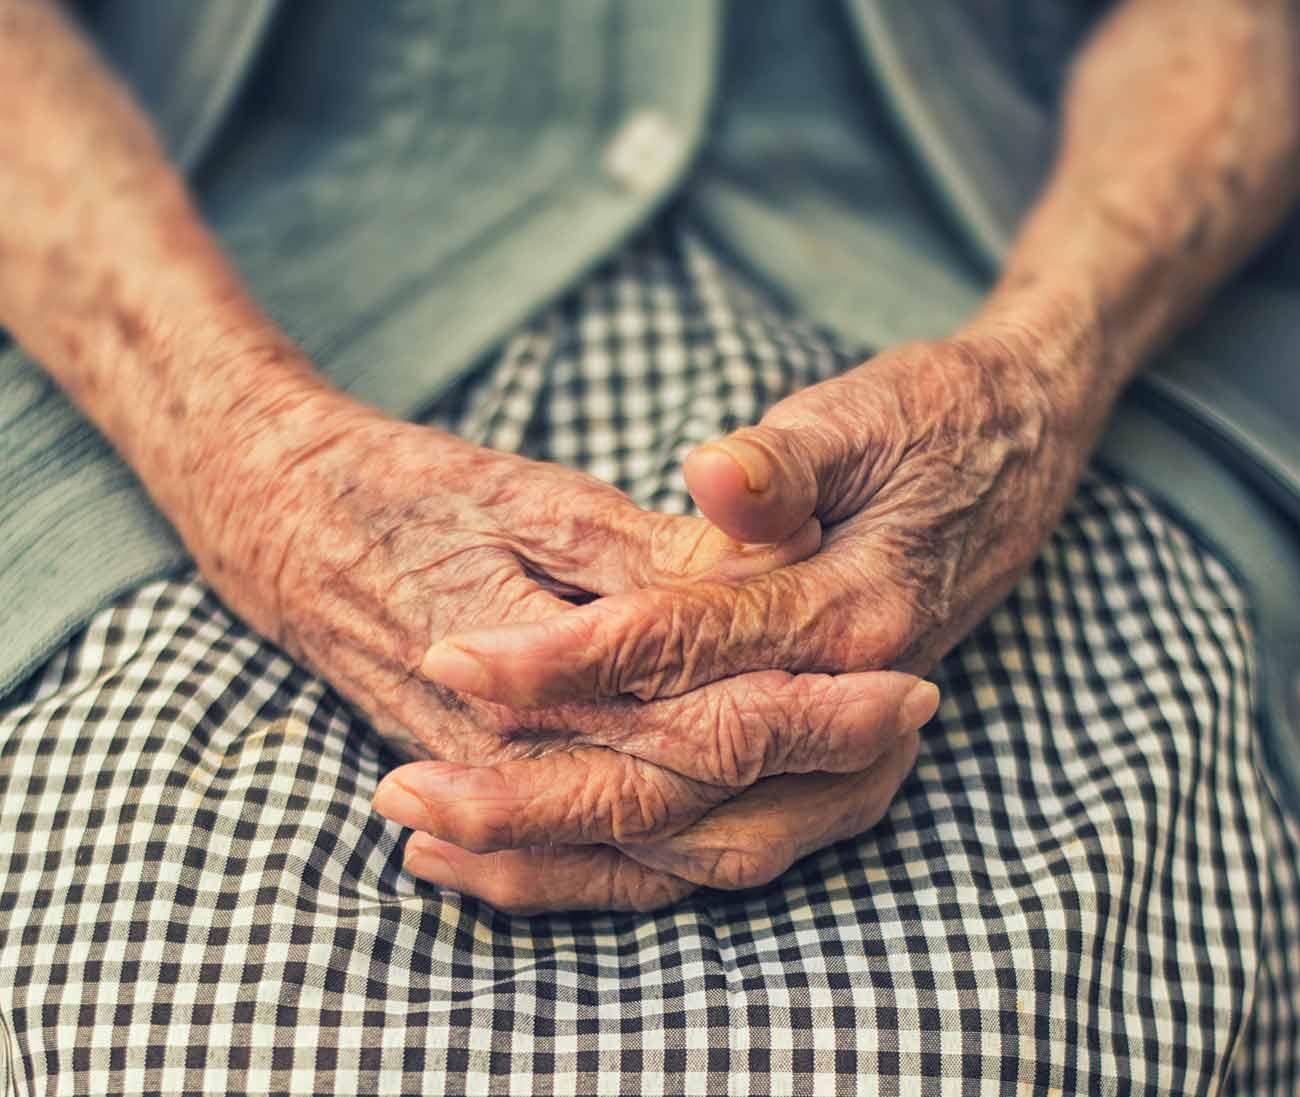 Bild –Nahaufnahme, die ältere Frauenhände zeigt, zusammengefaltet in Gebetshaltung.